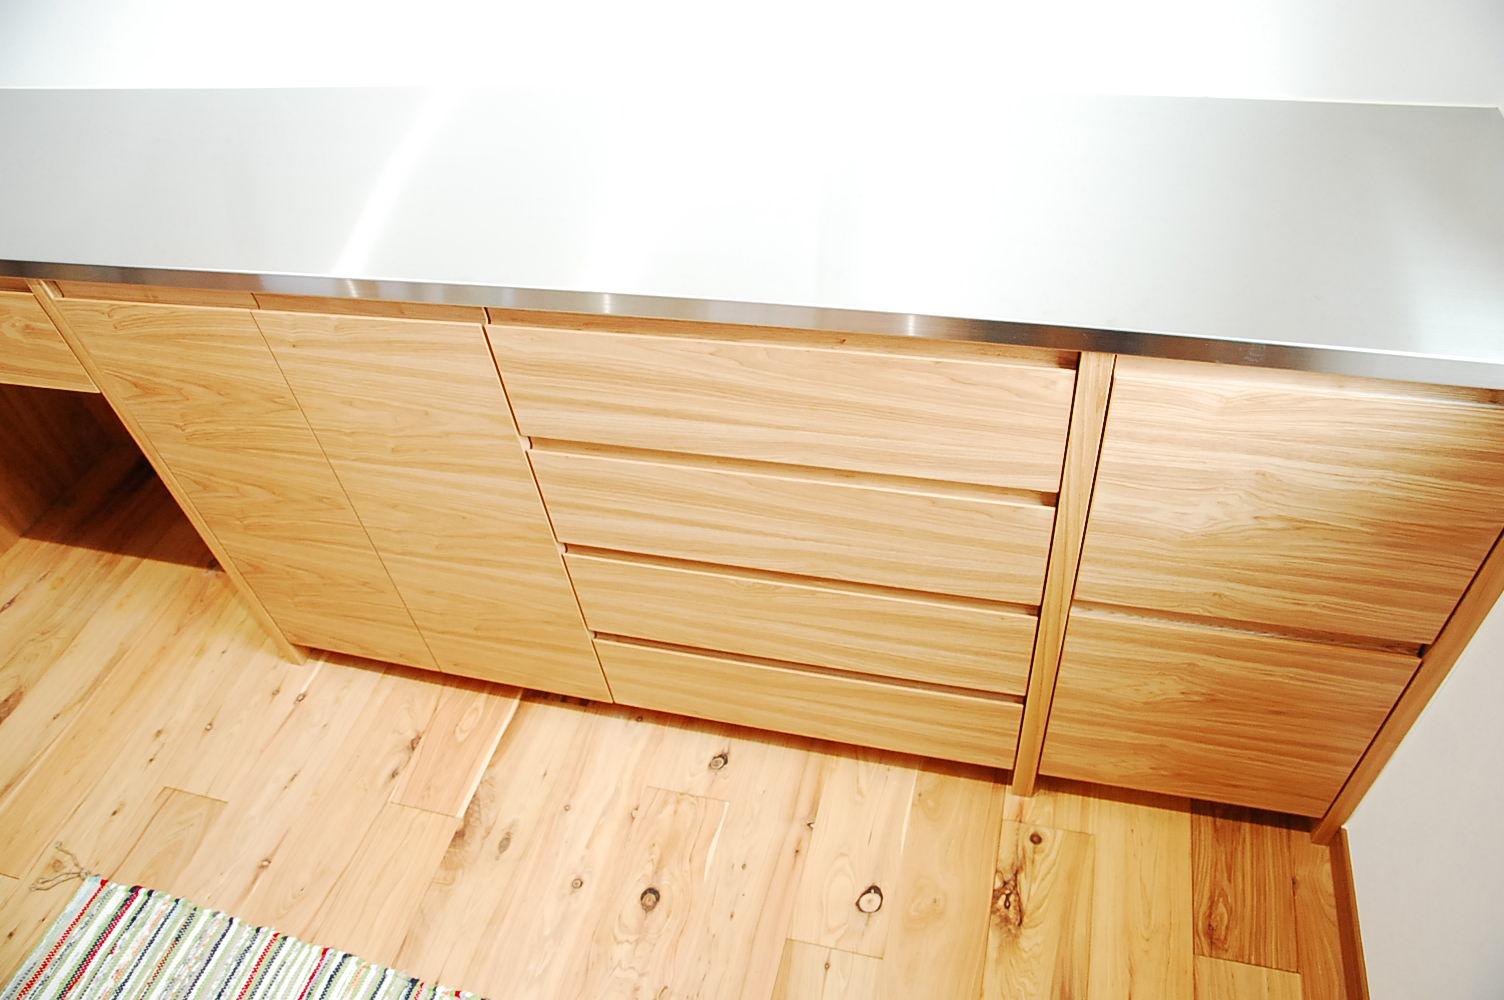 ホワイトオークオーダー家具